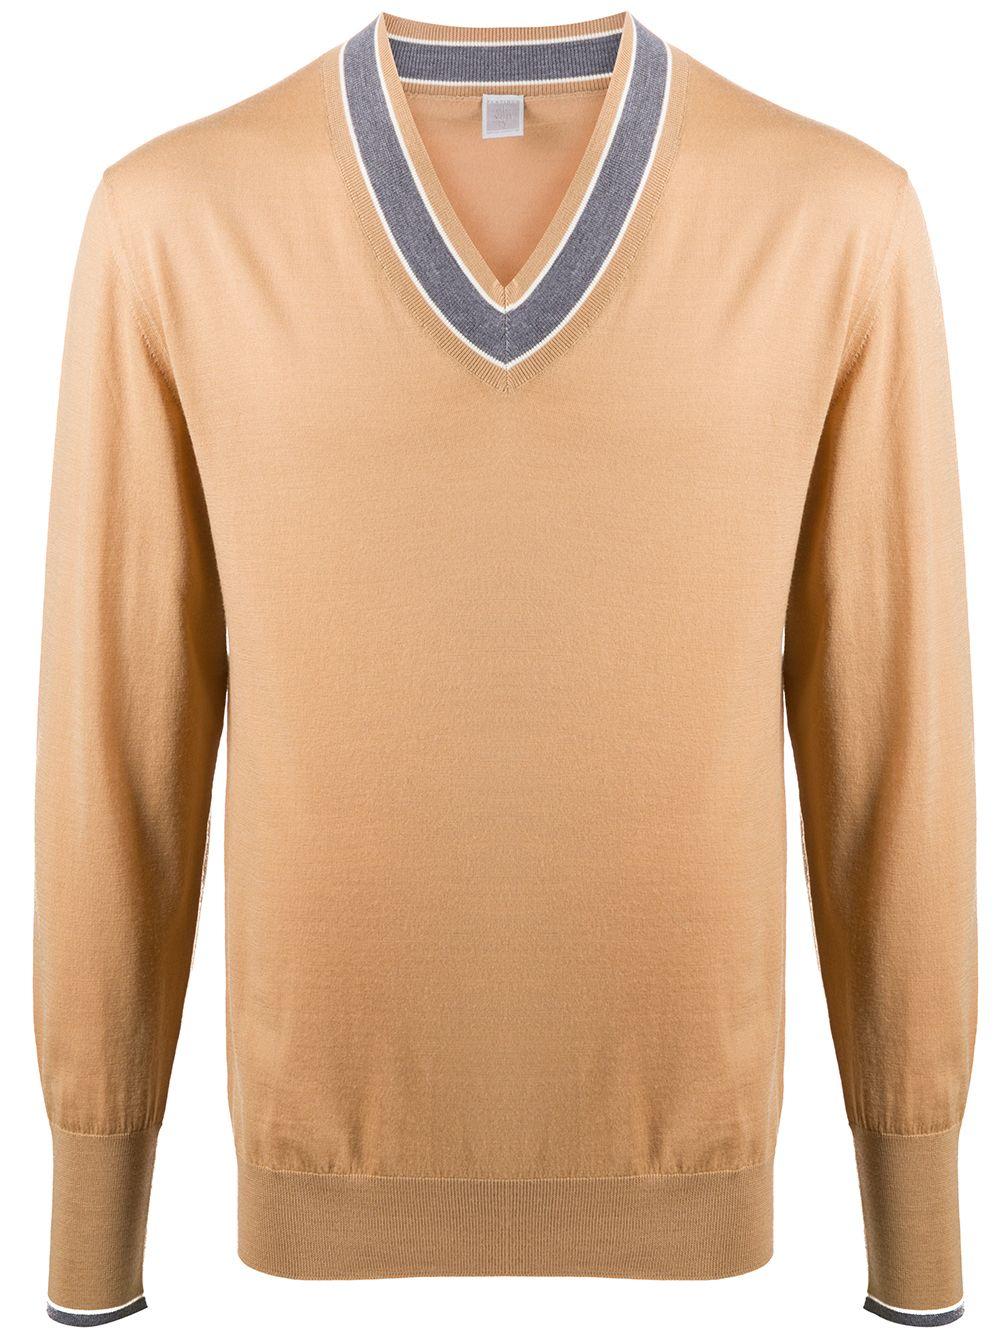 Maglione in maglia fine con scollo a V in lana marrone cammello e grigio ELEVENTY | Maglieria | B76MAGB04-MAG0B00104-06